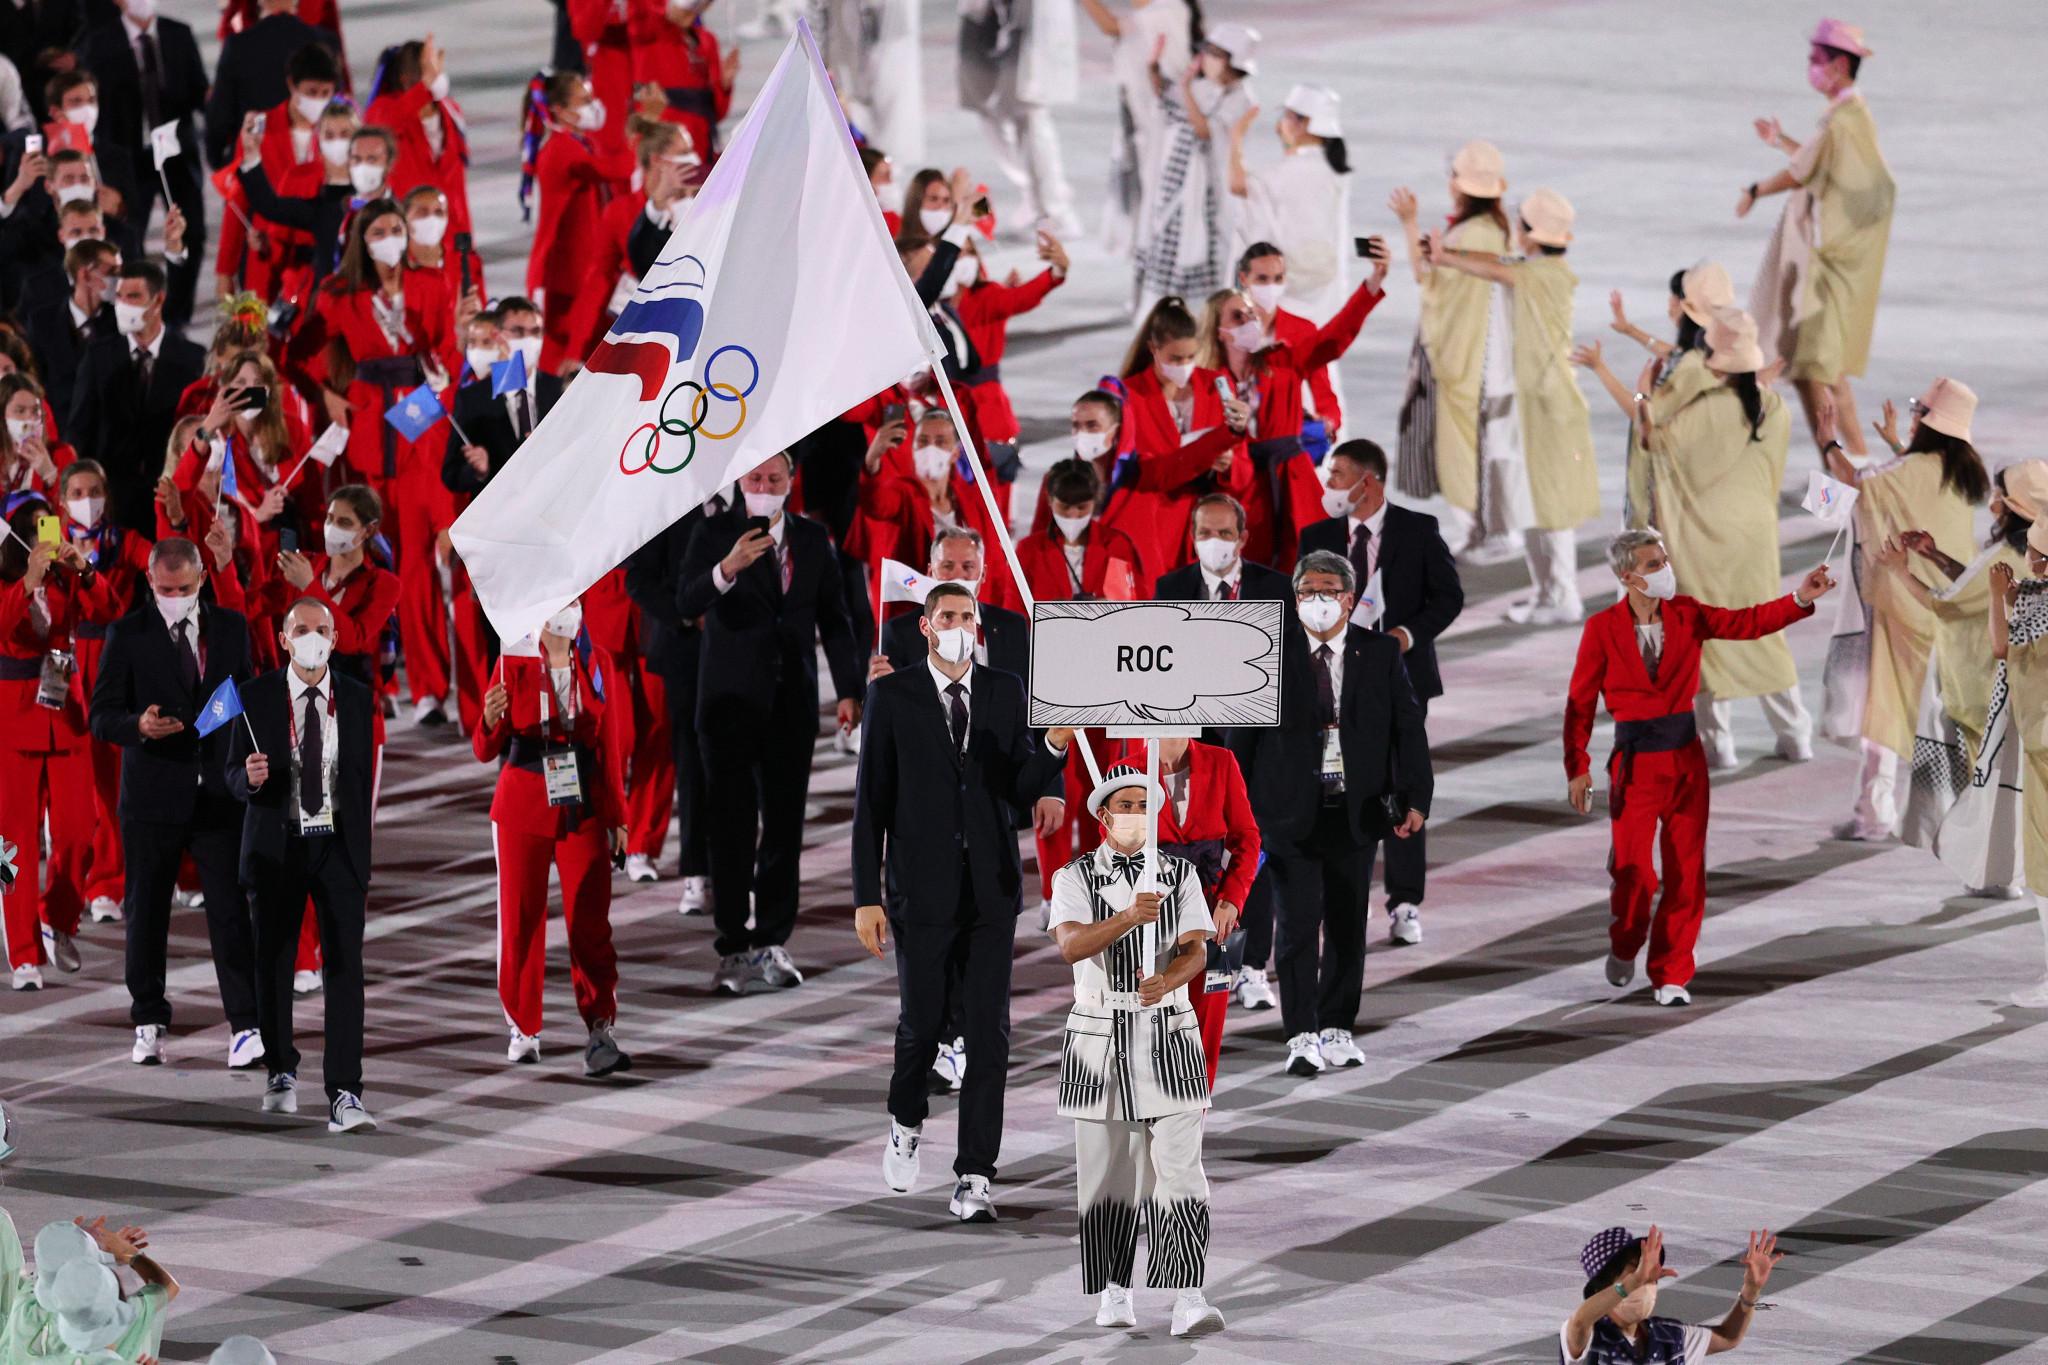 World Athletics дала еще четырем российским спортсменам статус ANA